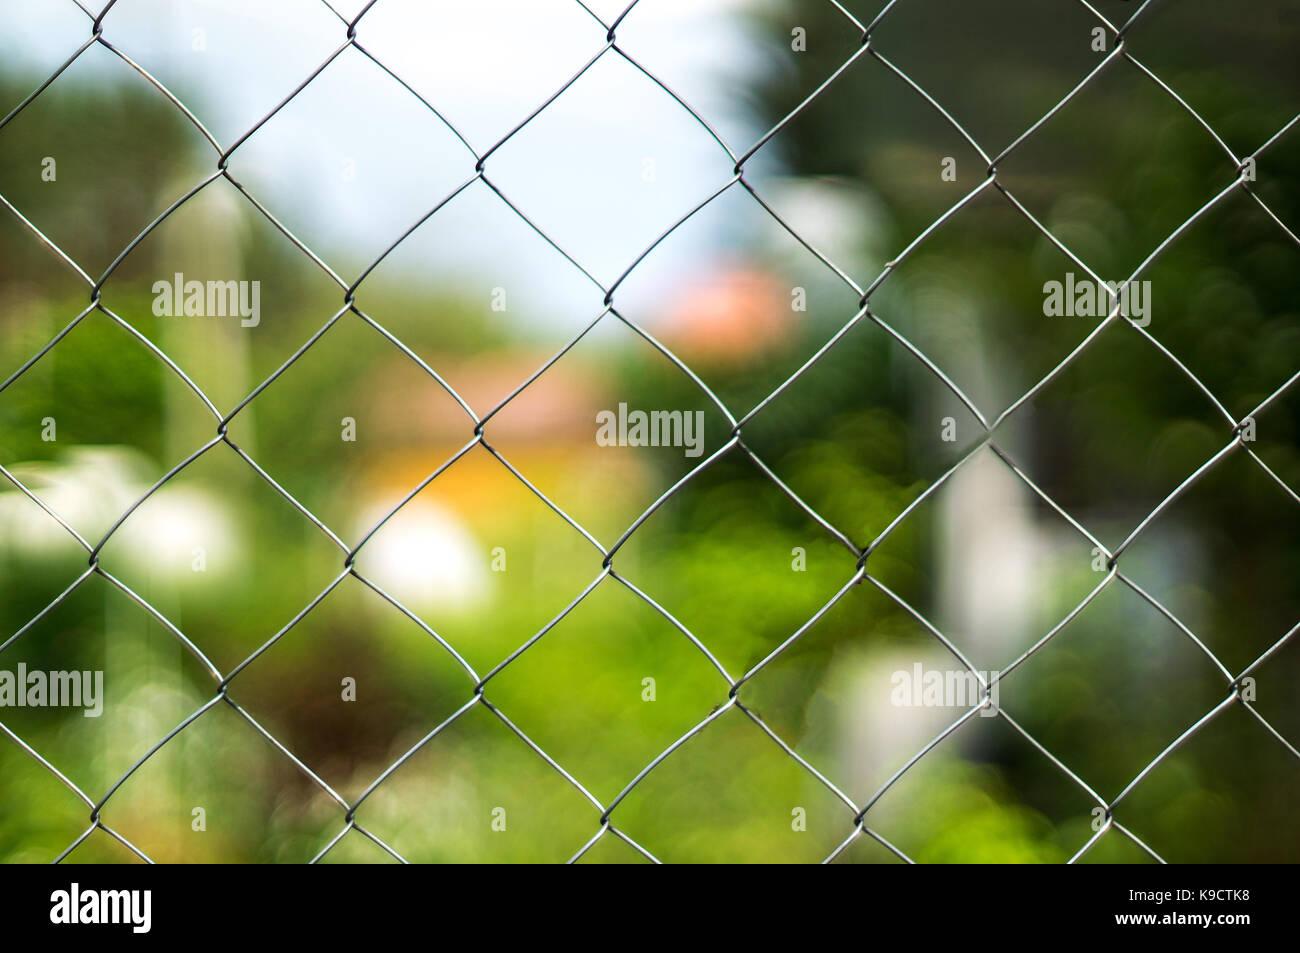 Erfreut Vinyl überzogener Maschendrahtzaun Fotos - Schaltplan Serie ...